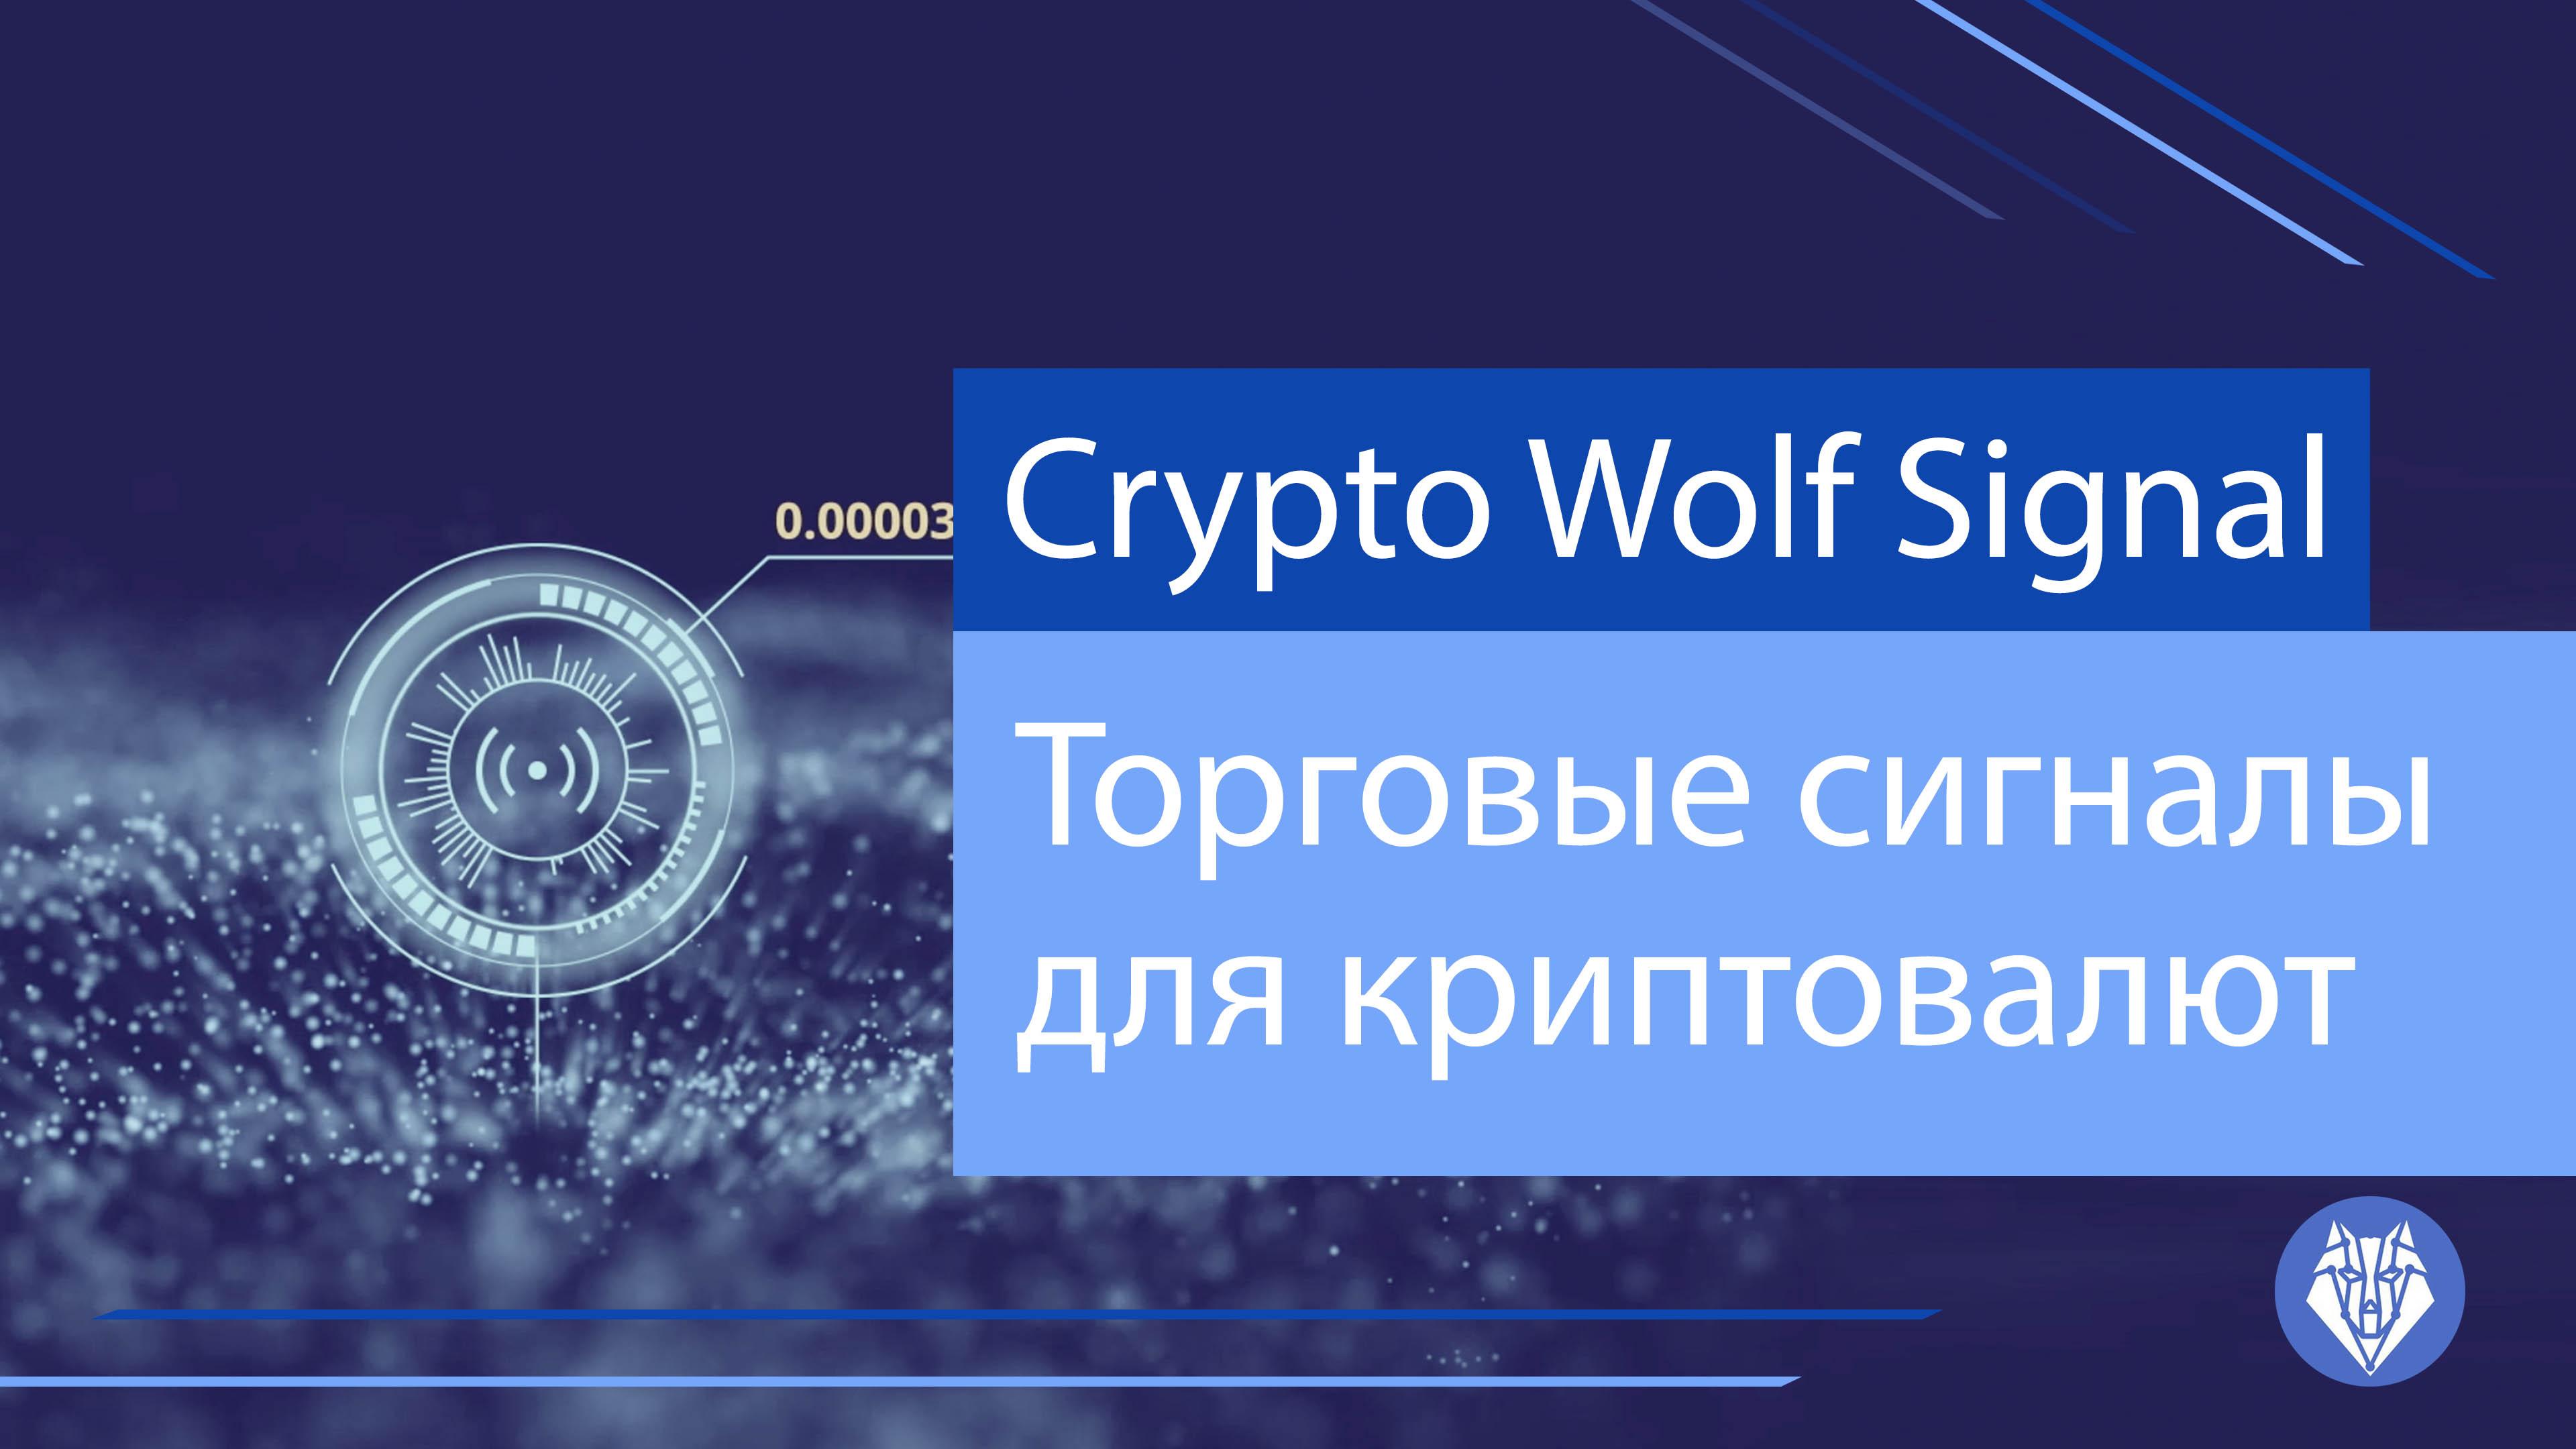 Торговые сигналы криптовалют криптовалюта mtl